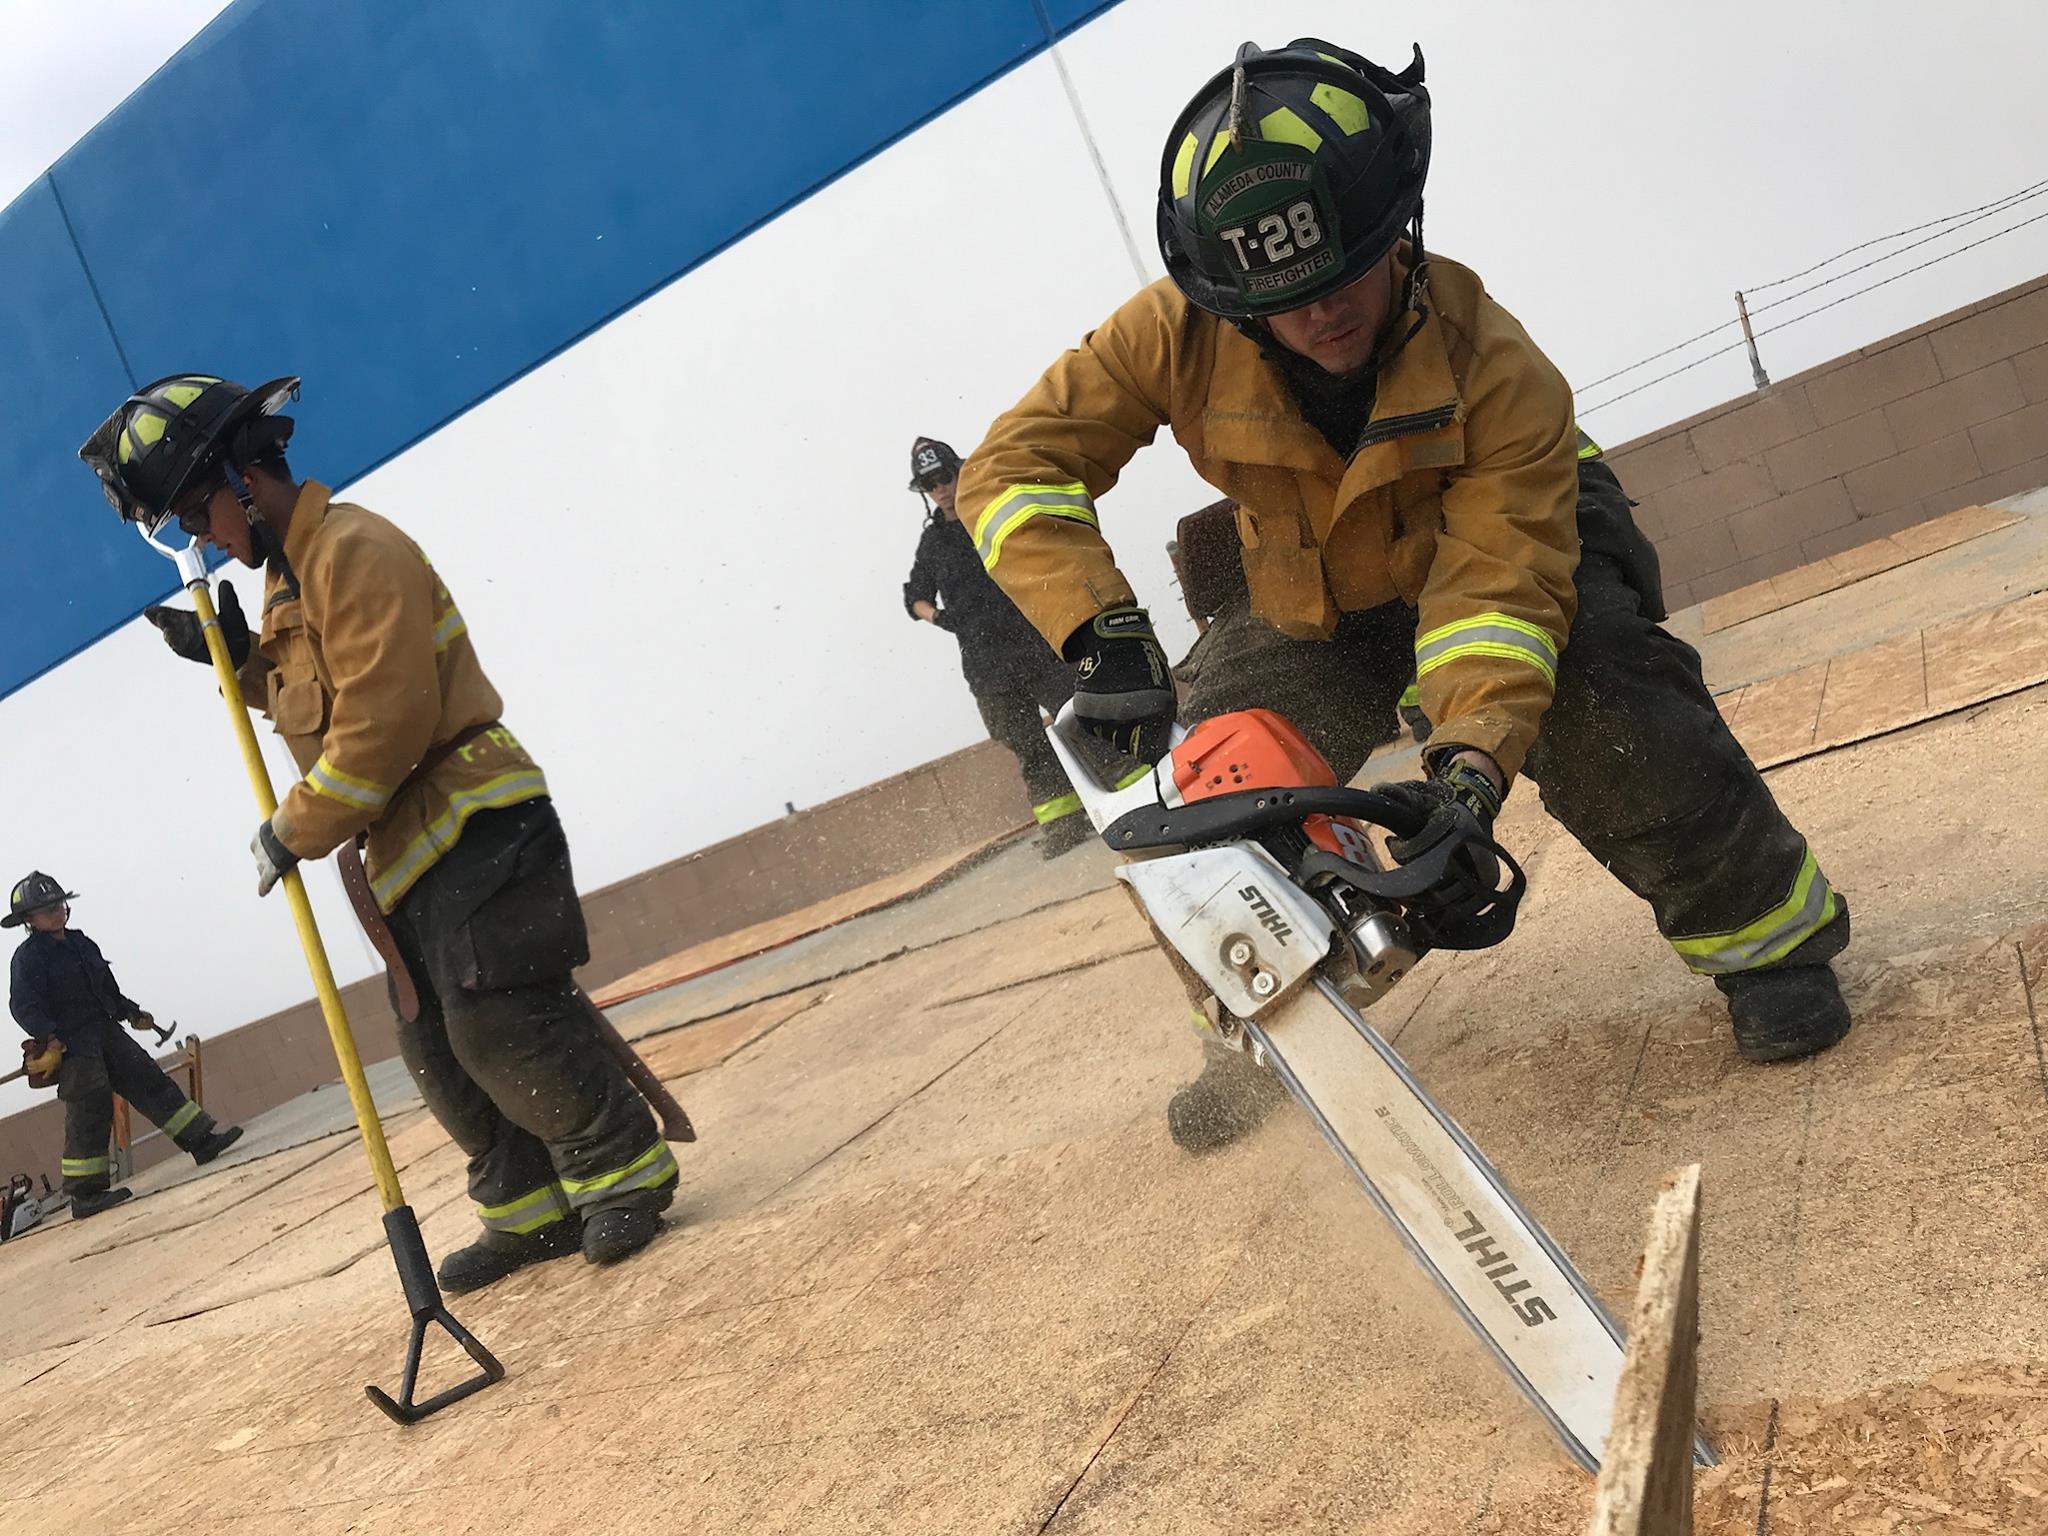 Rio Hodno College Fire Truck Academy